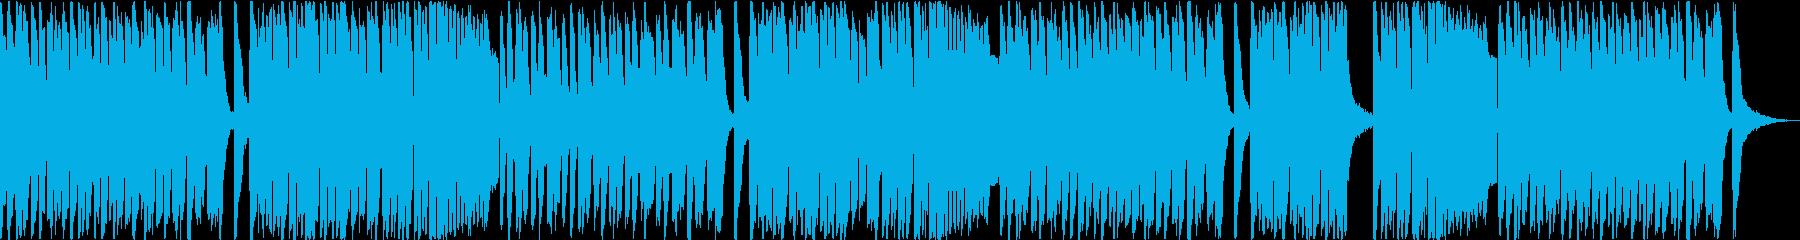 風変わりな、ハッピーゴーラッキーヴ...の再生済みの波形